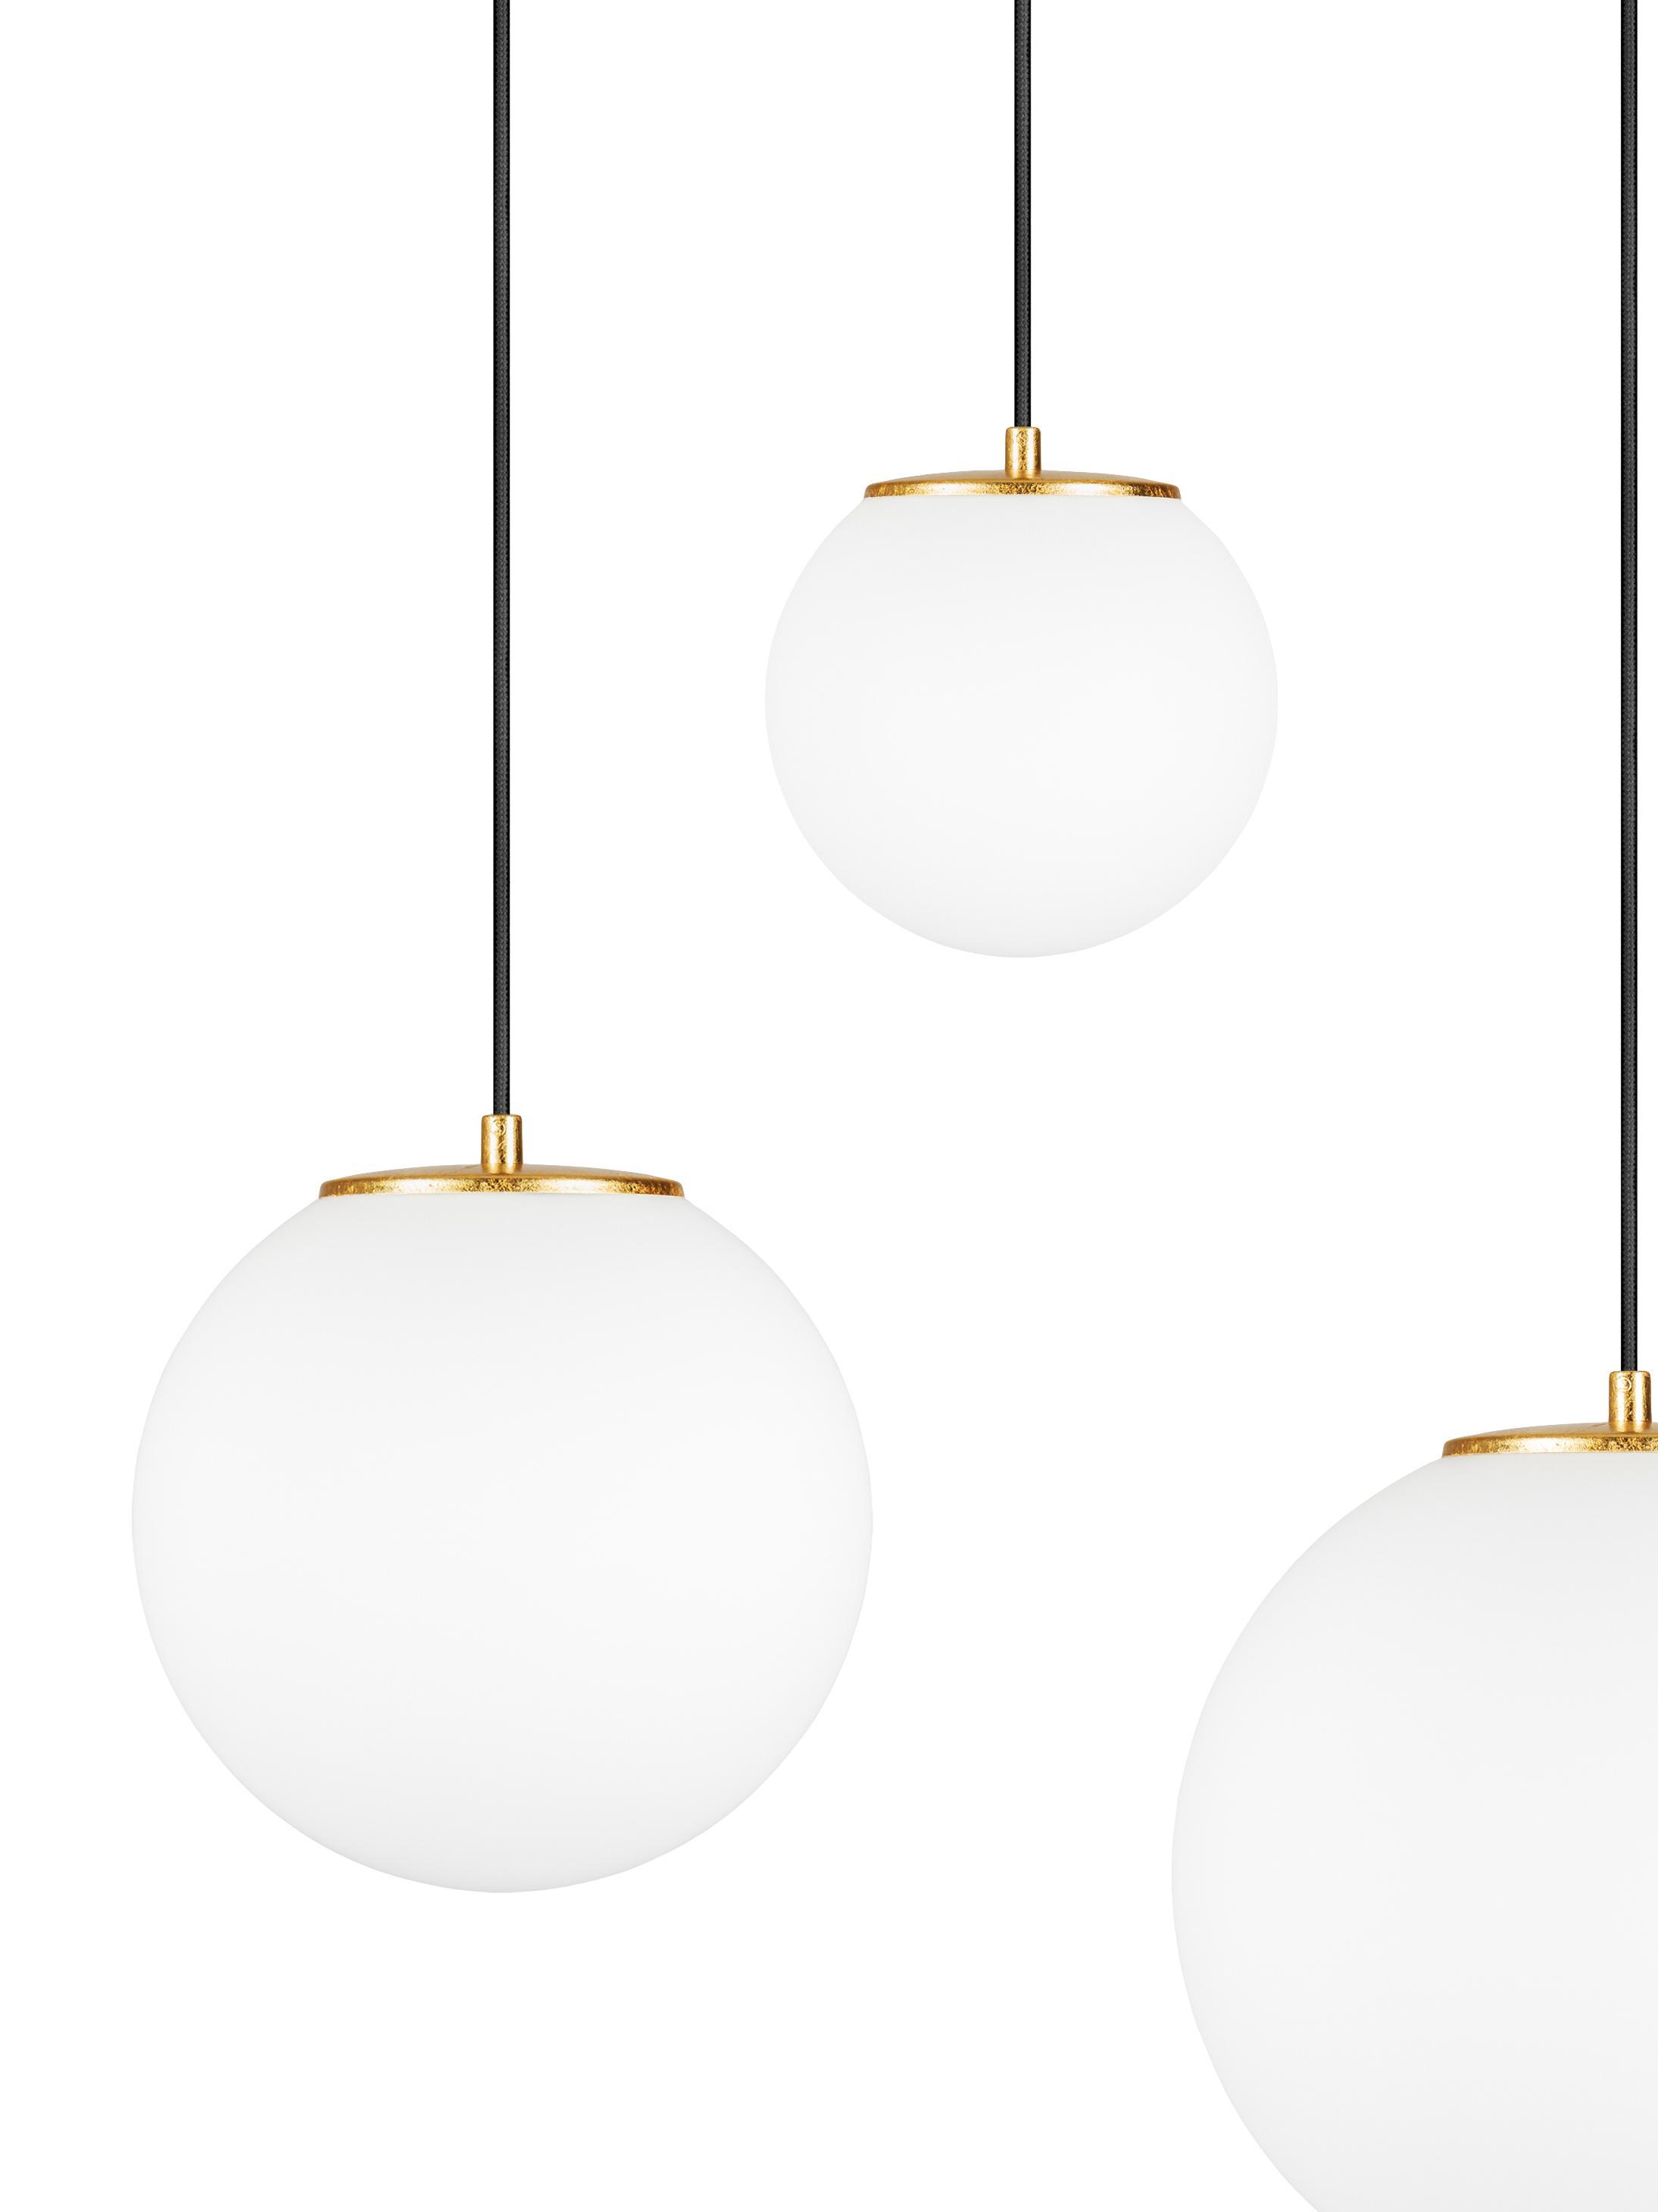 Suspension boule verre opalescent, grande taille Tsuki, Blanc opalescent, noir, couleur laitonnée